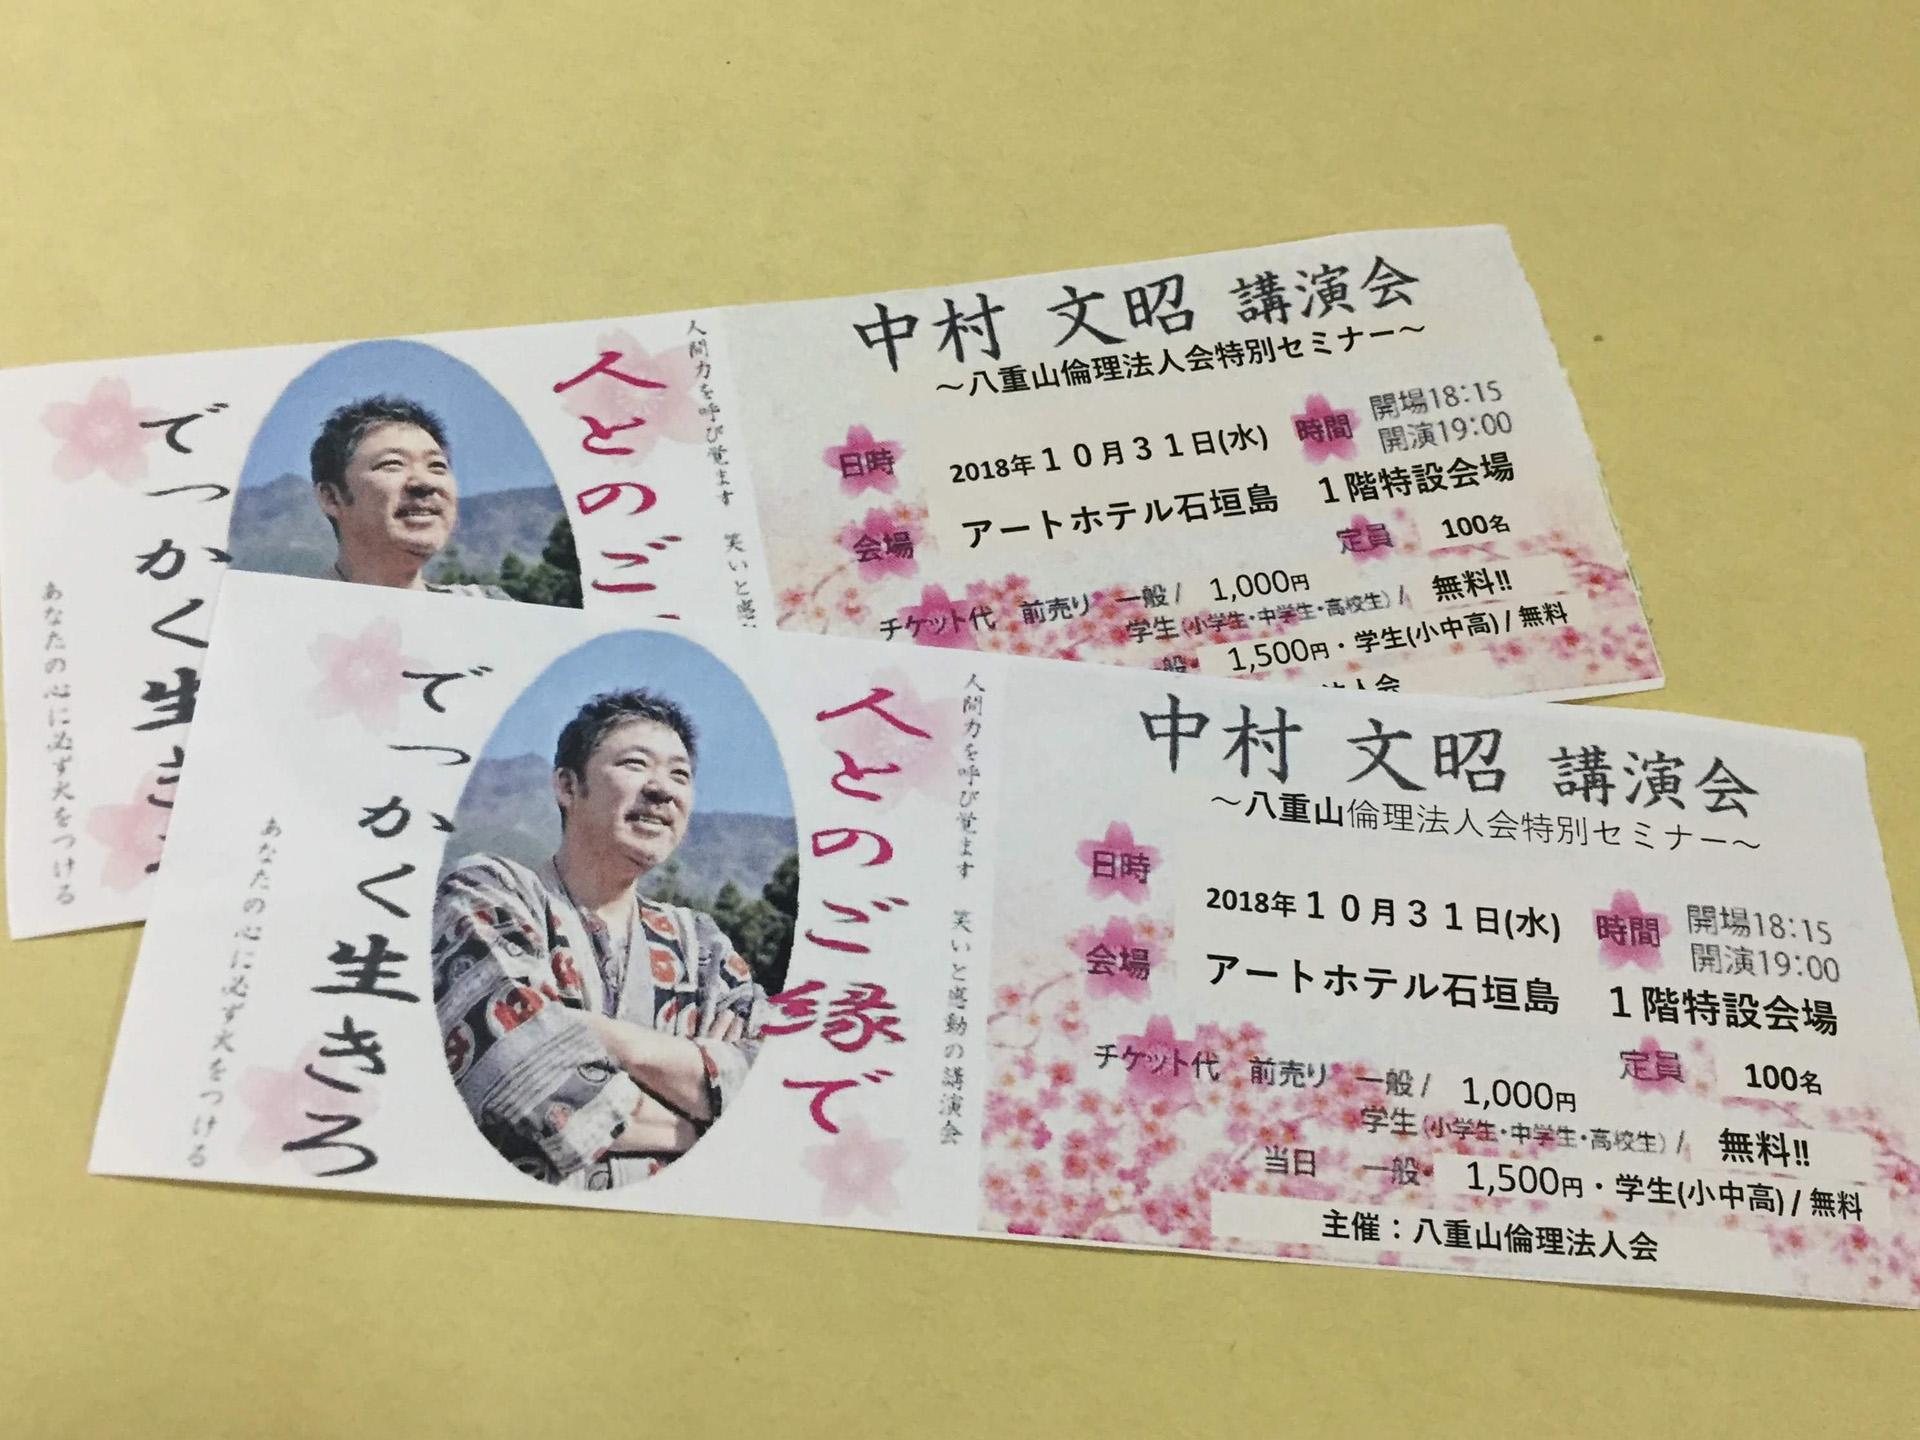 中村文昭 講演会チケット